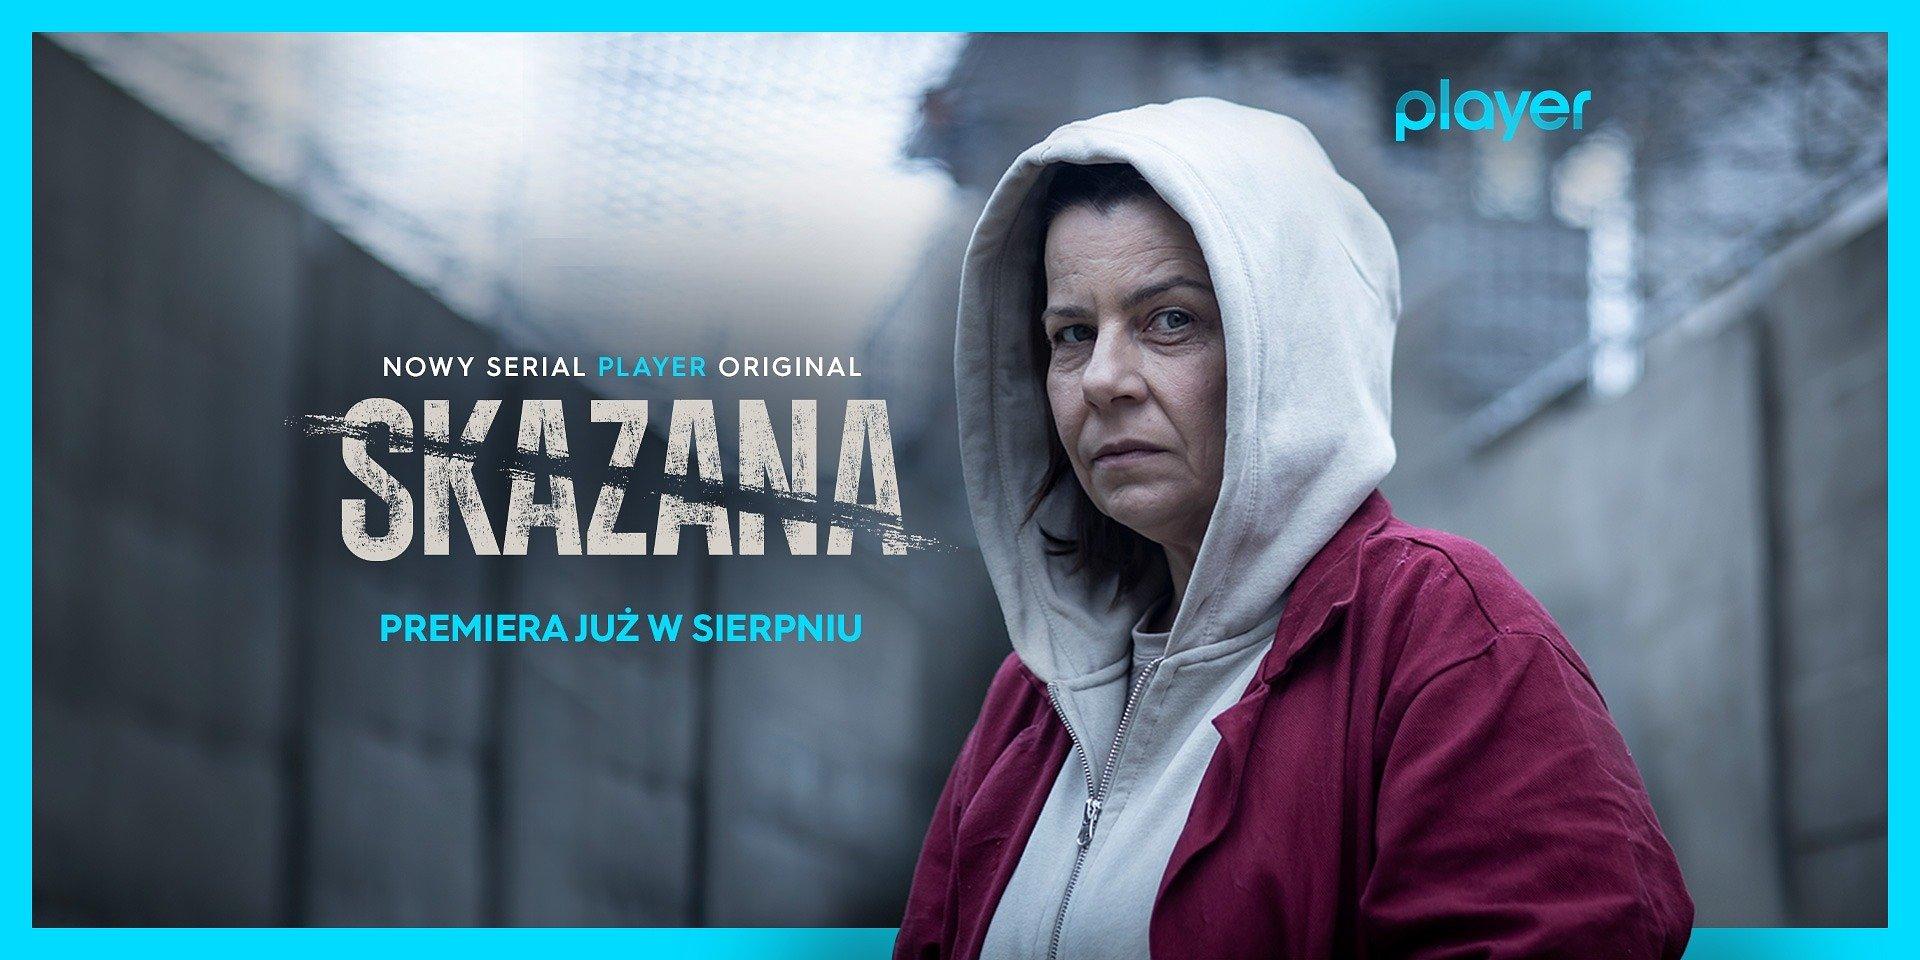 """""""Skazana"""" - premiera najnowszego serialu Player Original już w sierpniu!"""